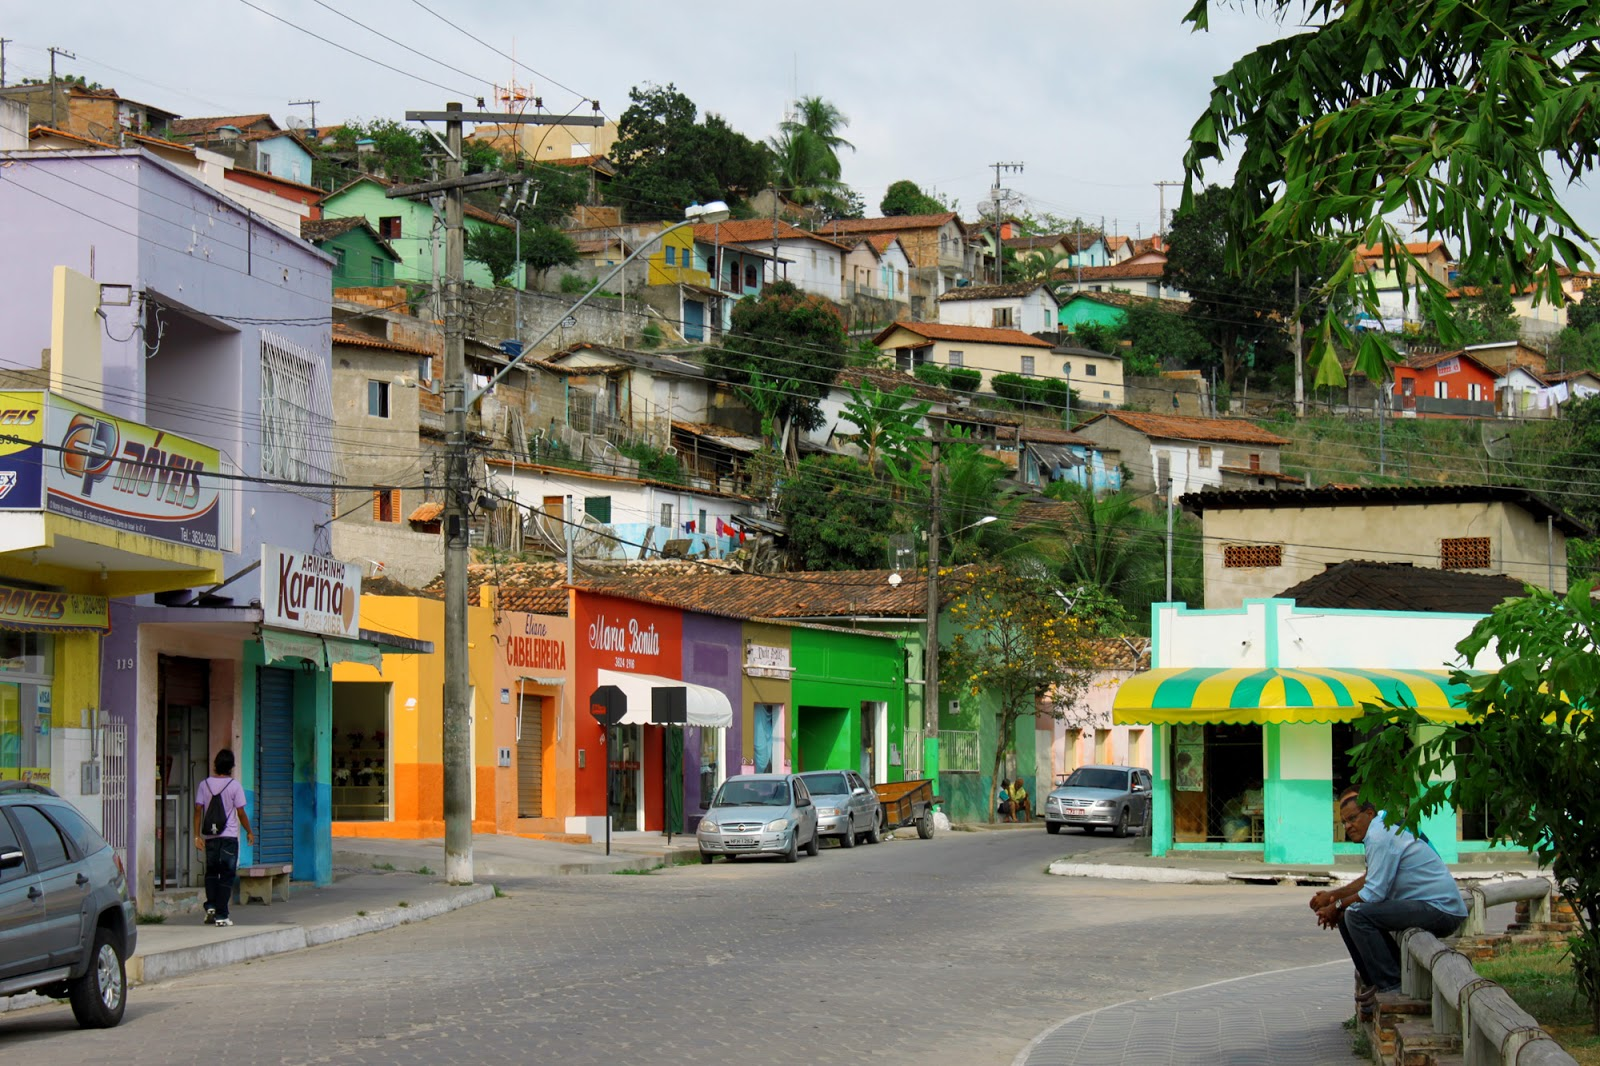 Carlos Chagas Minas Gerais fonte: 2.bp.blogspot.com